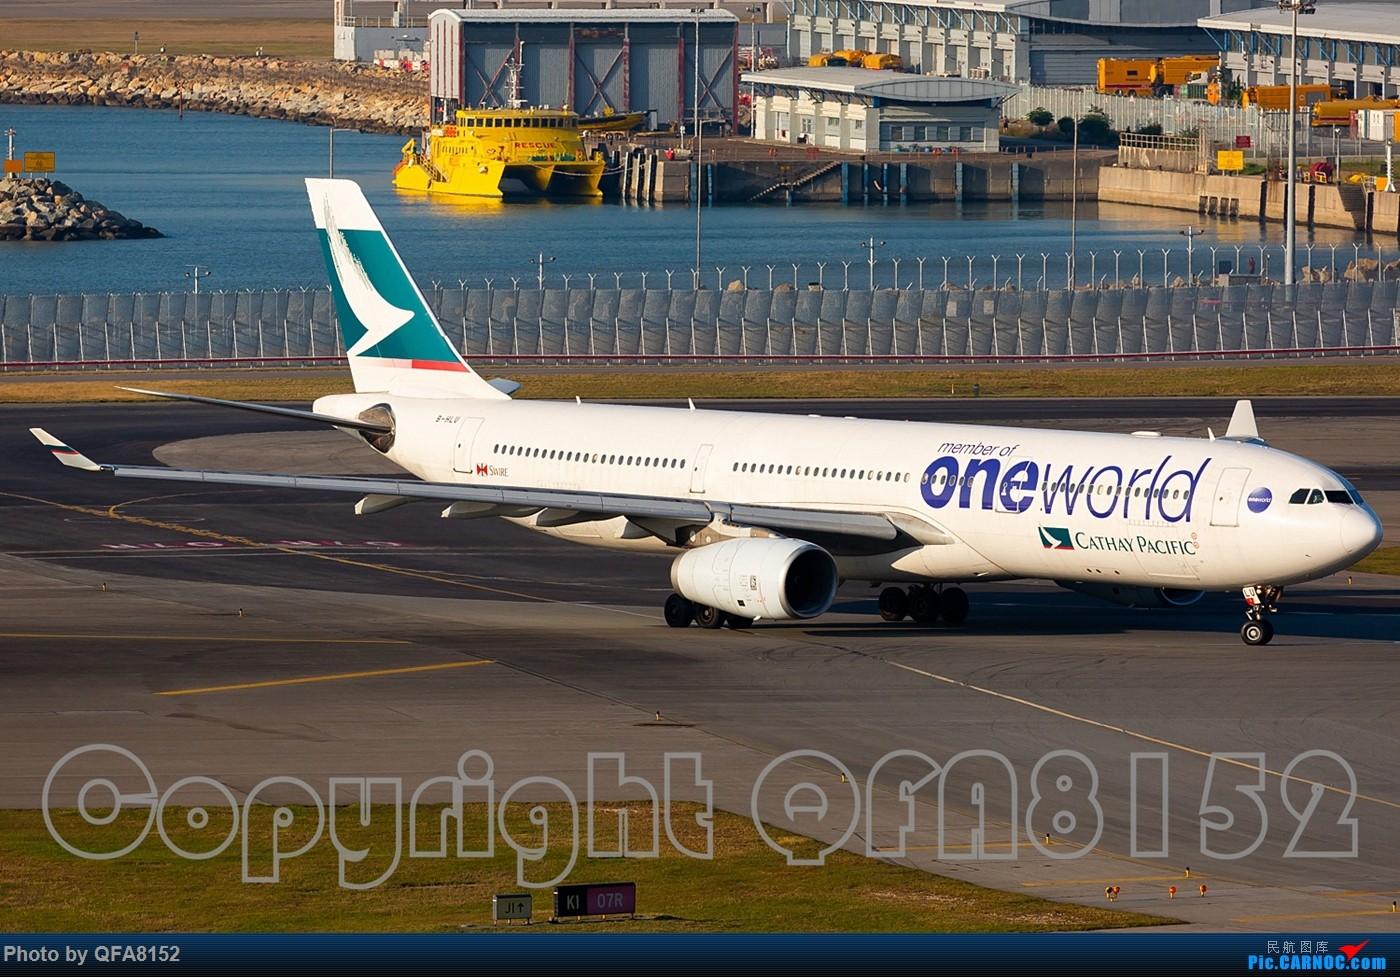 Re:[原创]现在发图好像有钱拿了? AIRBUS A330-300 B-HLU HKG